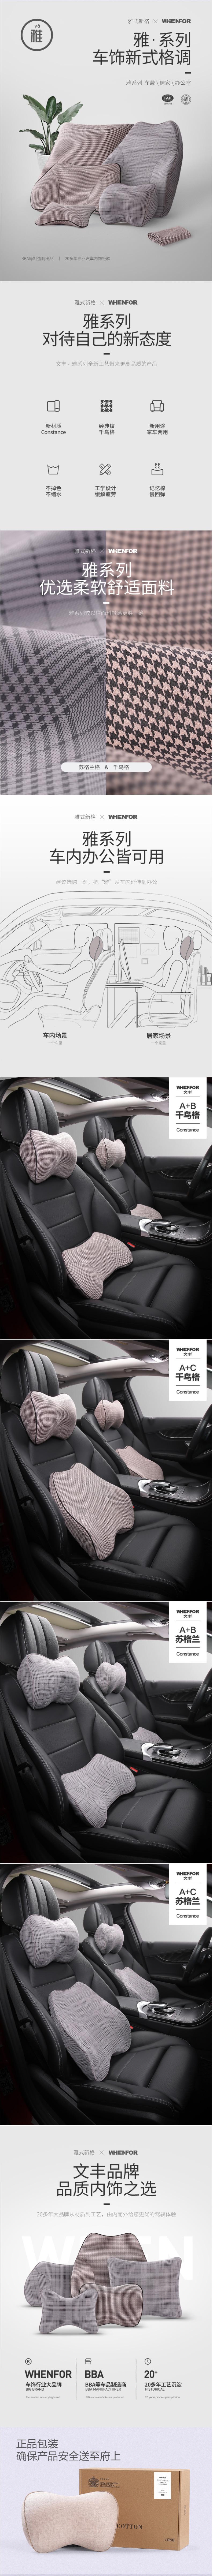 汽车内饰装饰靠垫